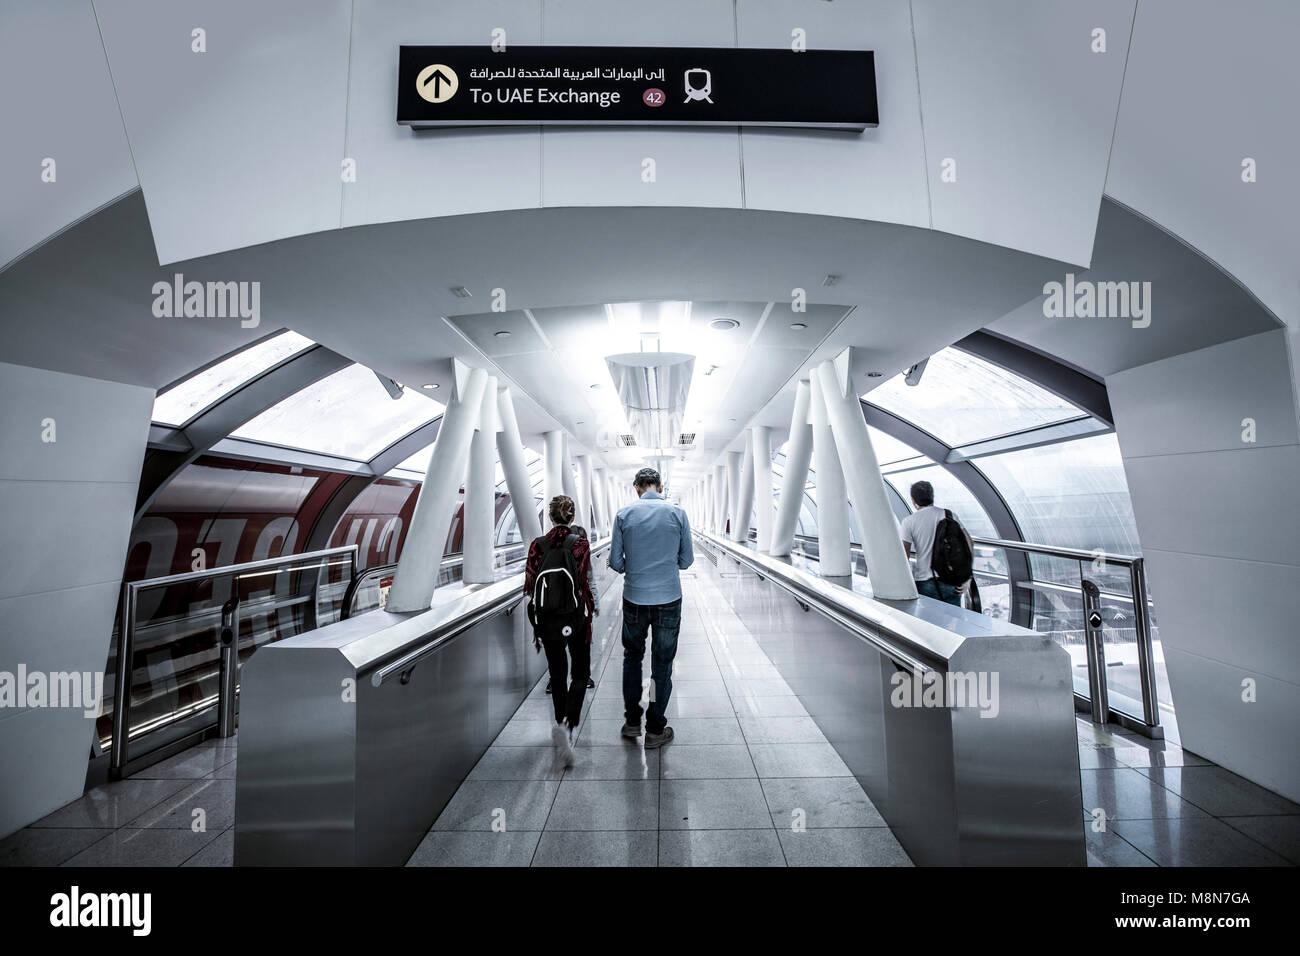 Passengers, metro vestibule, UAE Exchange metro station, The